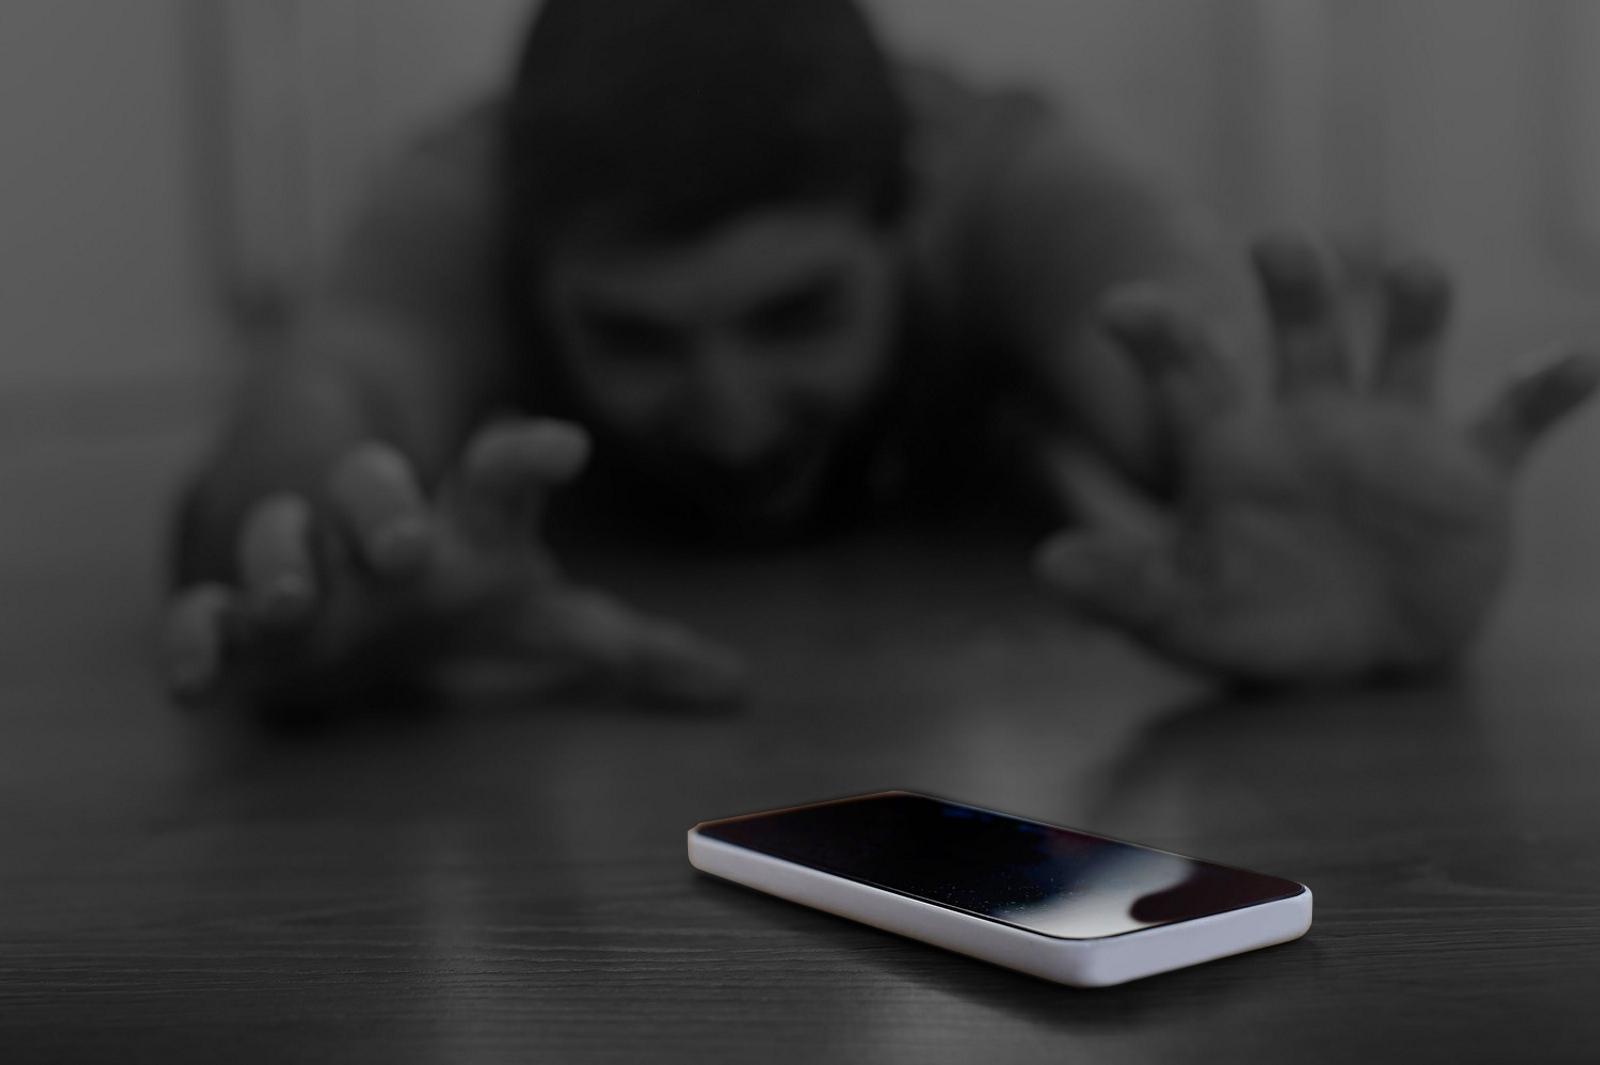 Кто призвал выбрасывать смартфоны?